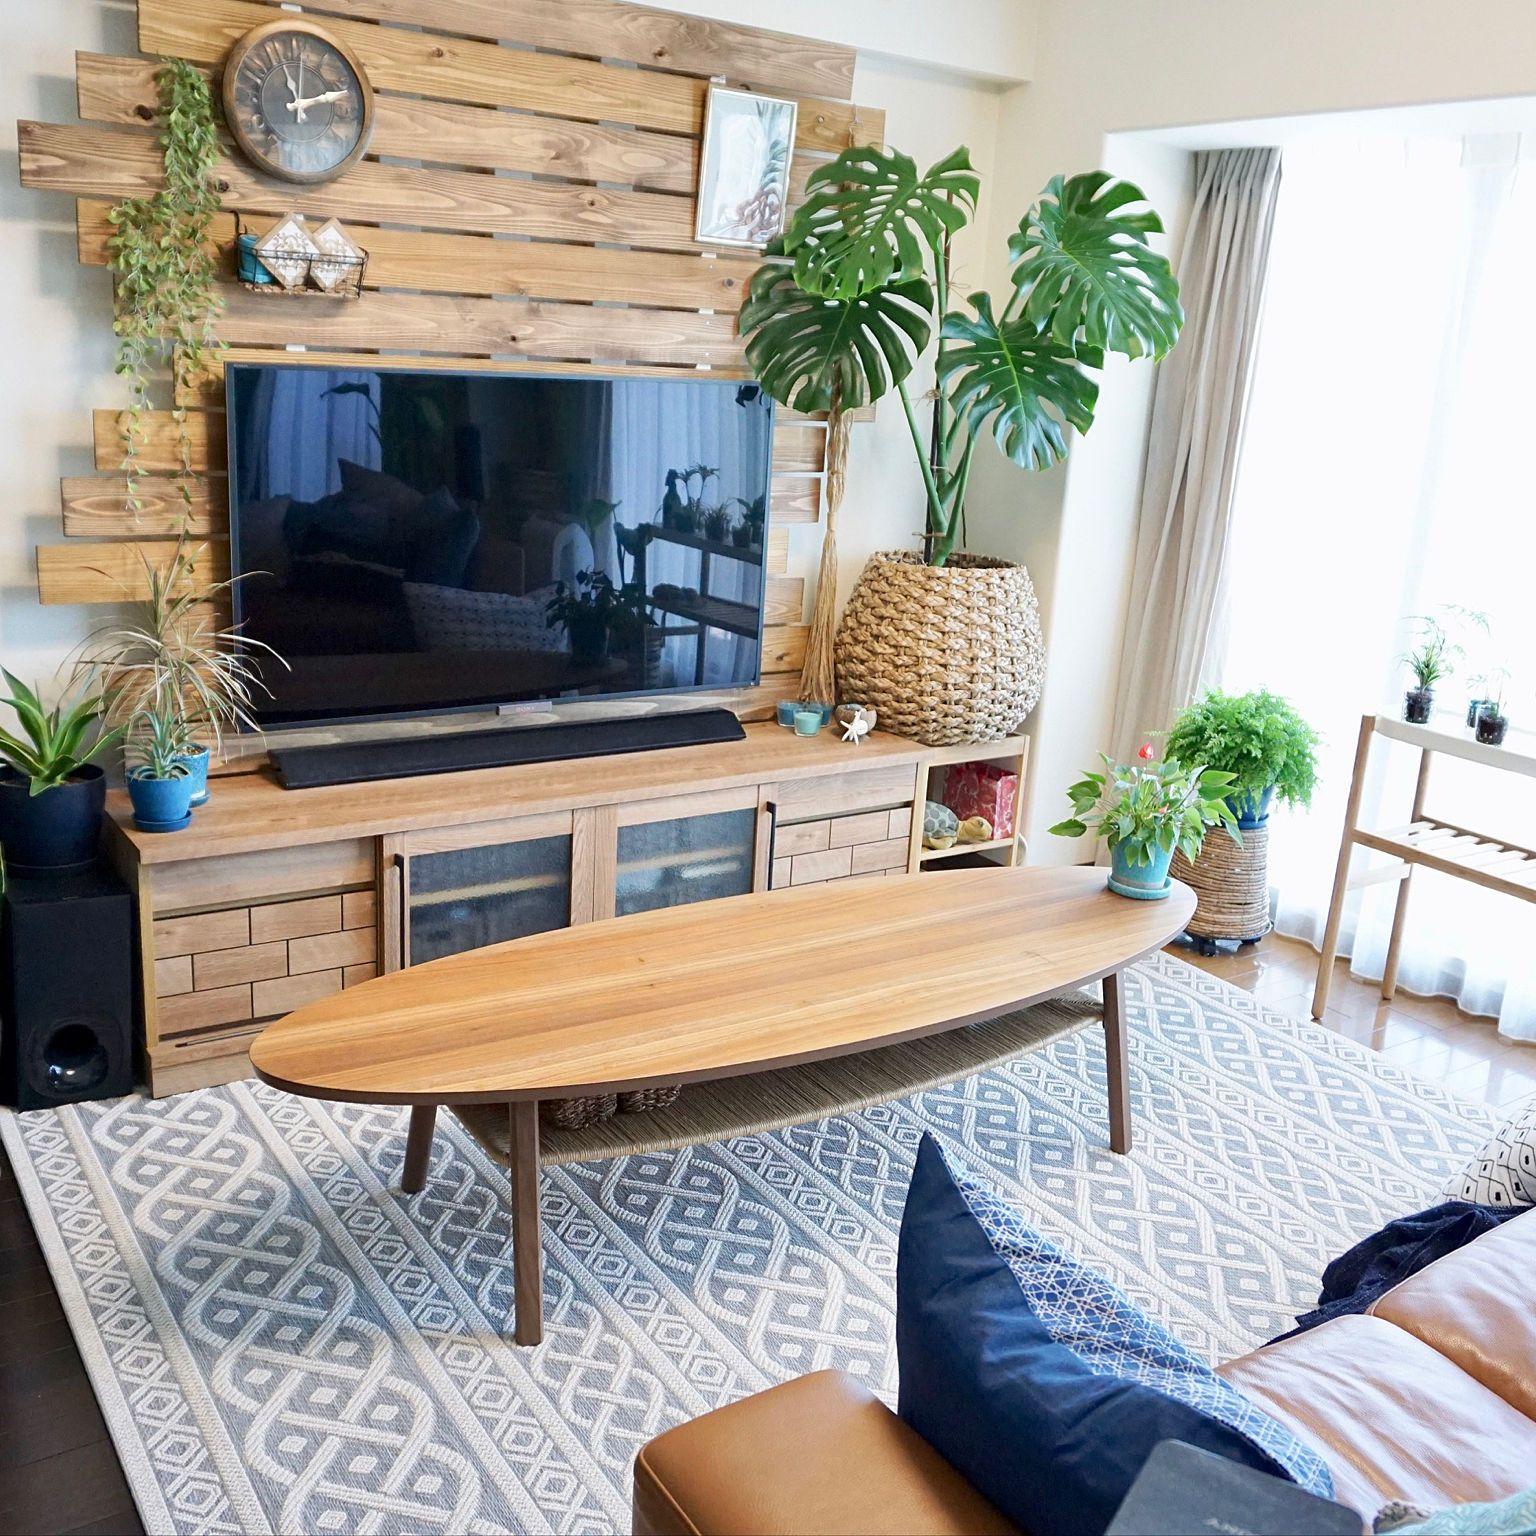 テレビ台 フェイクグリーン 壁掛け時計 シダ植物 コーヒーテーブル などのインテリア実例 2018 05 21 11 37 33 Roomclip ルームクリップ インテリア リビング インテリア リビングルームのデザイン